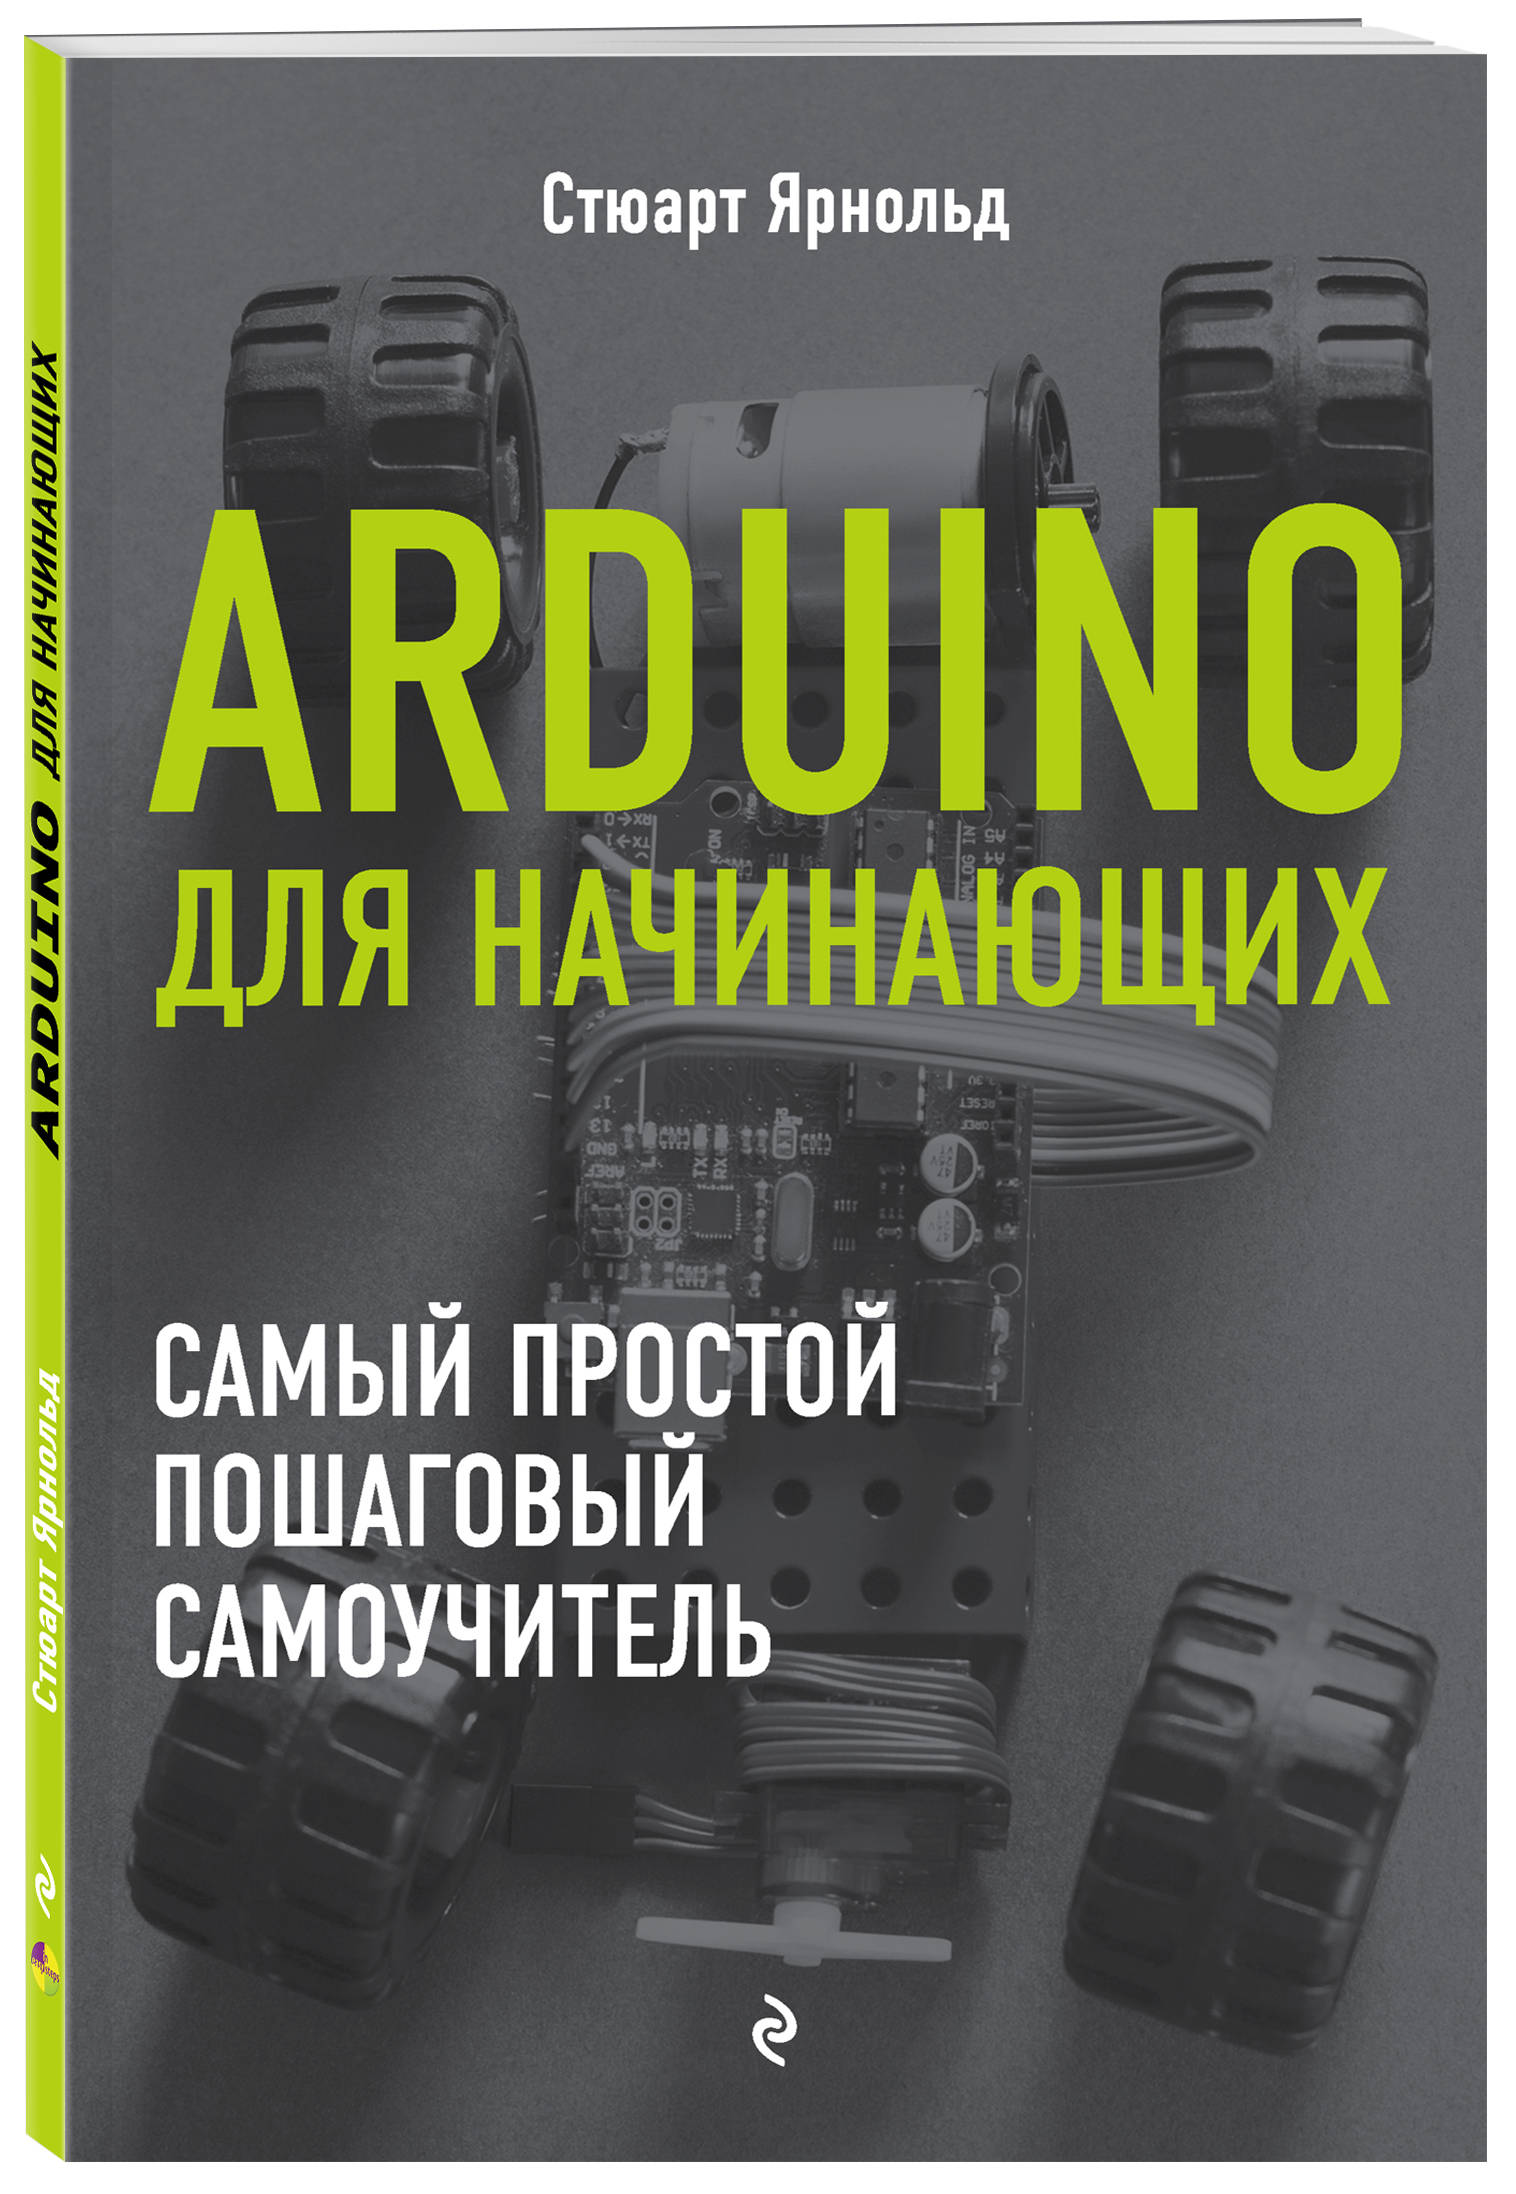 Arduino для начинающих. Самый простой пошаговый самоучитель ( Ярнольд С.  )